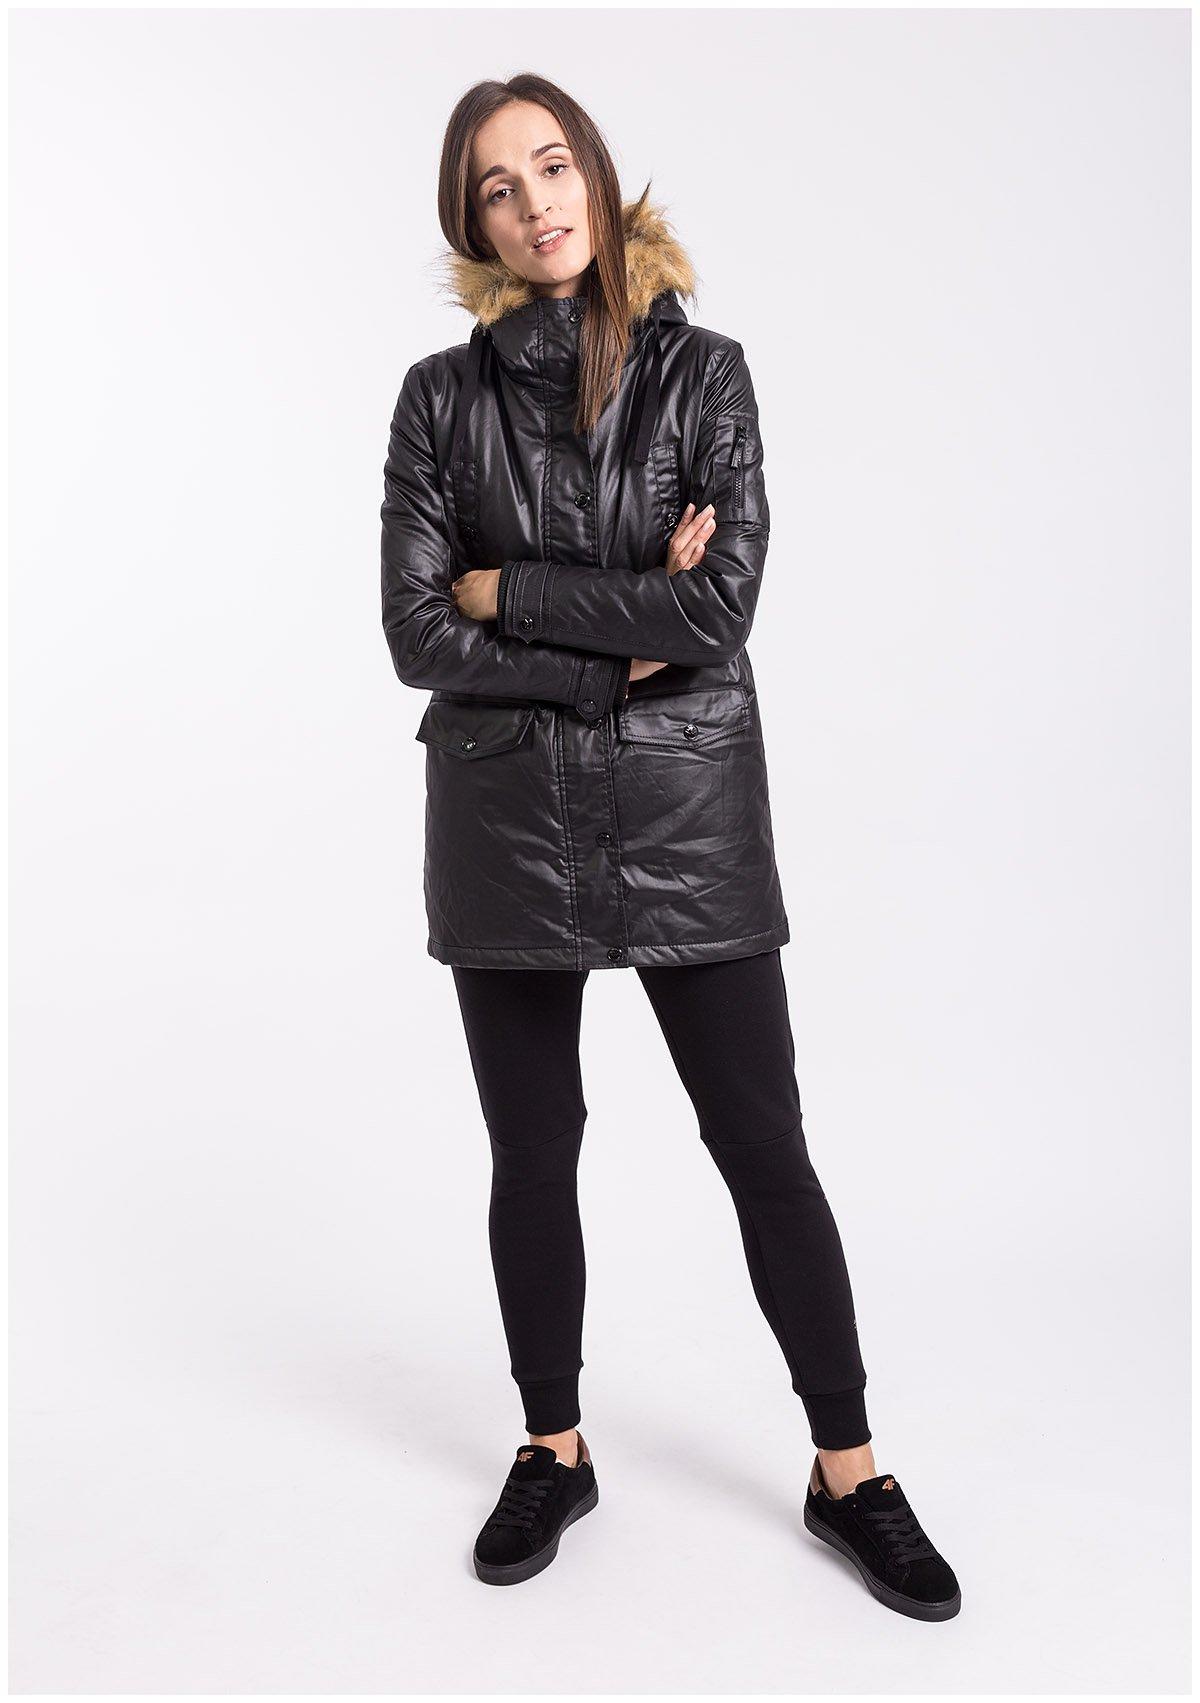 Spodnie dresowe damskie SPDD005Z - czarny